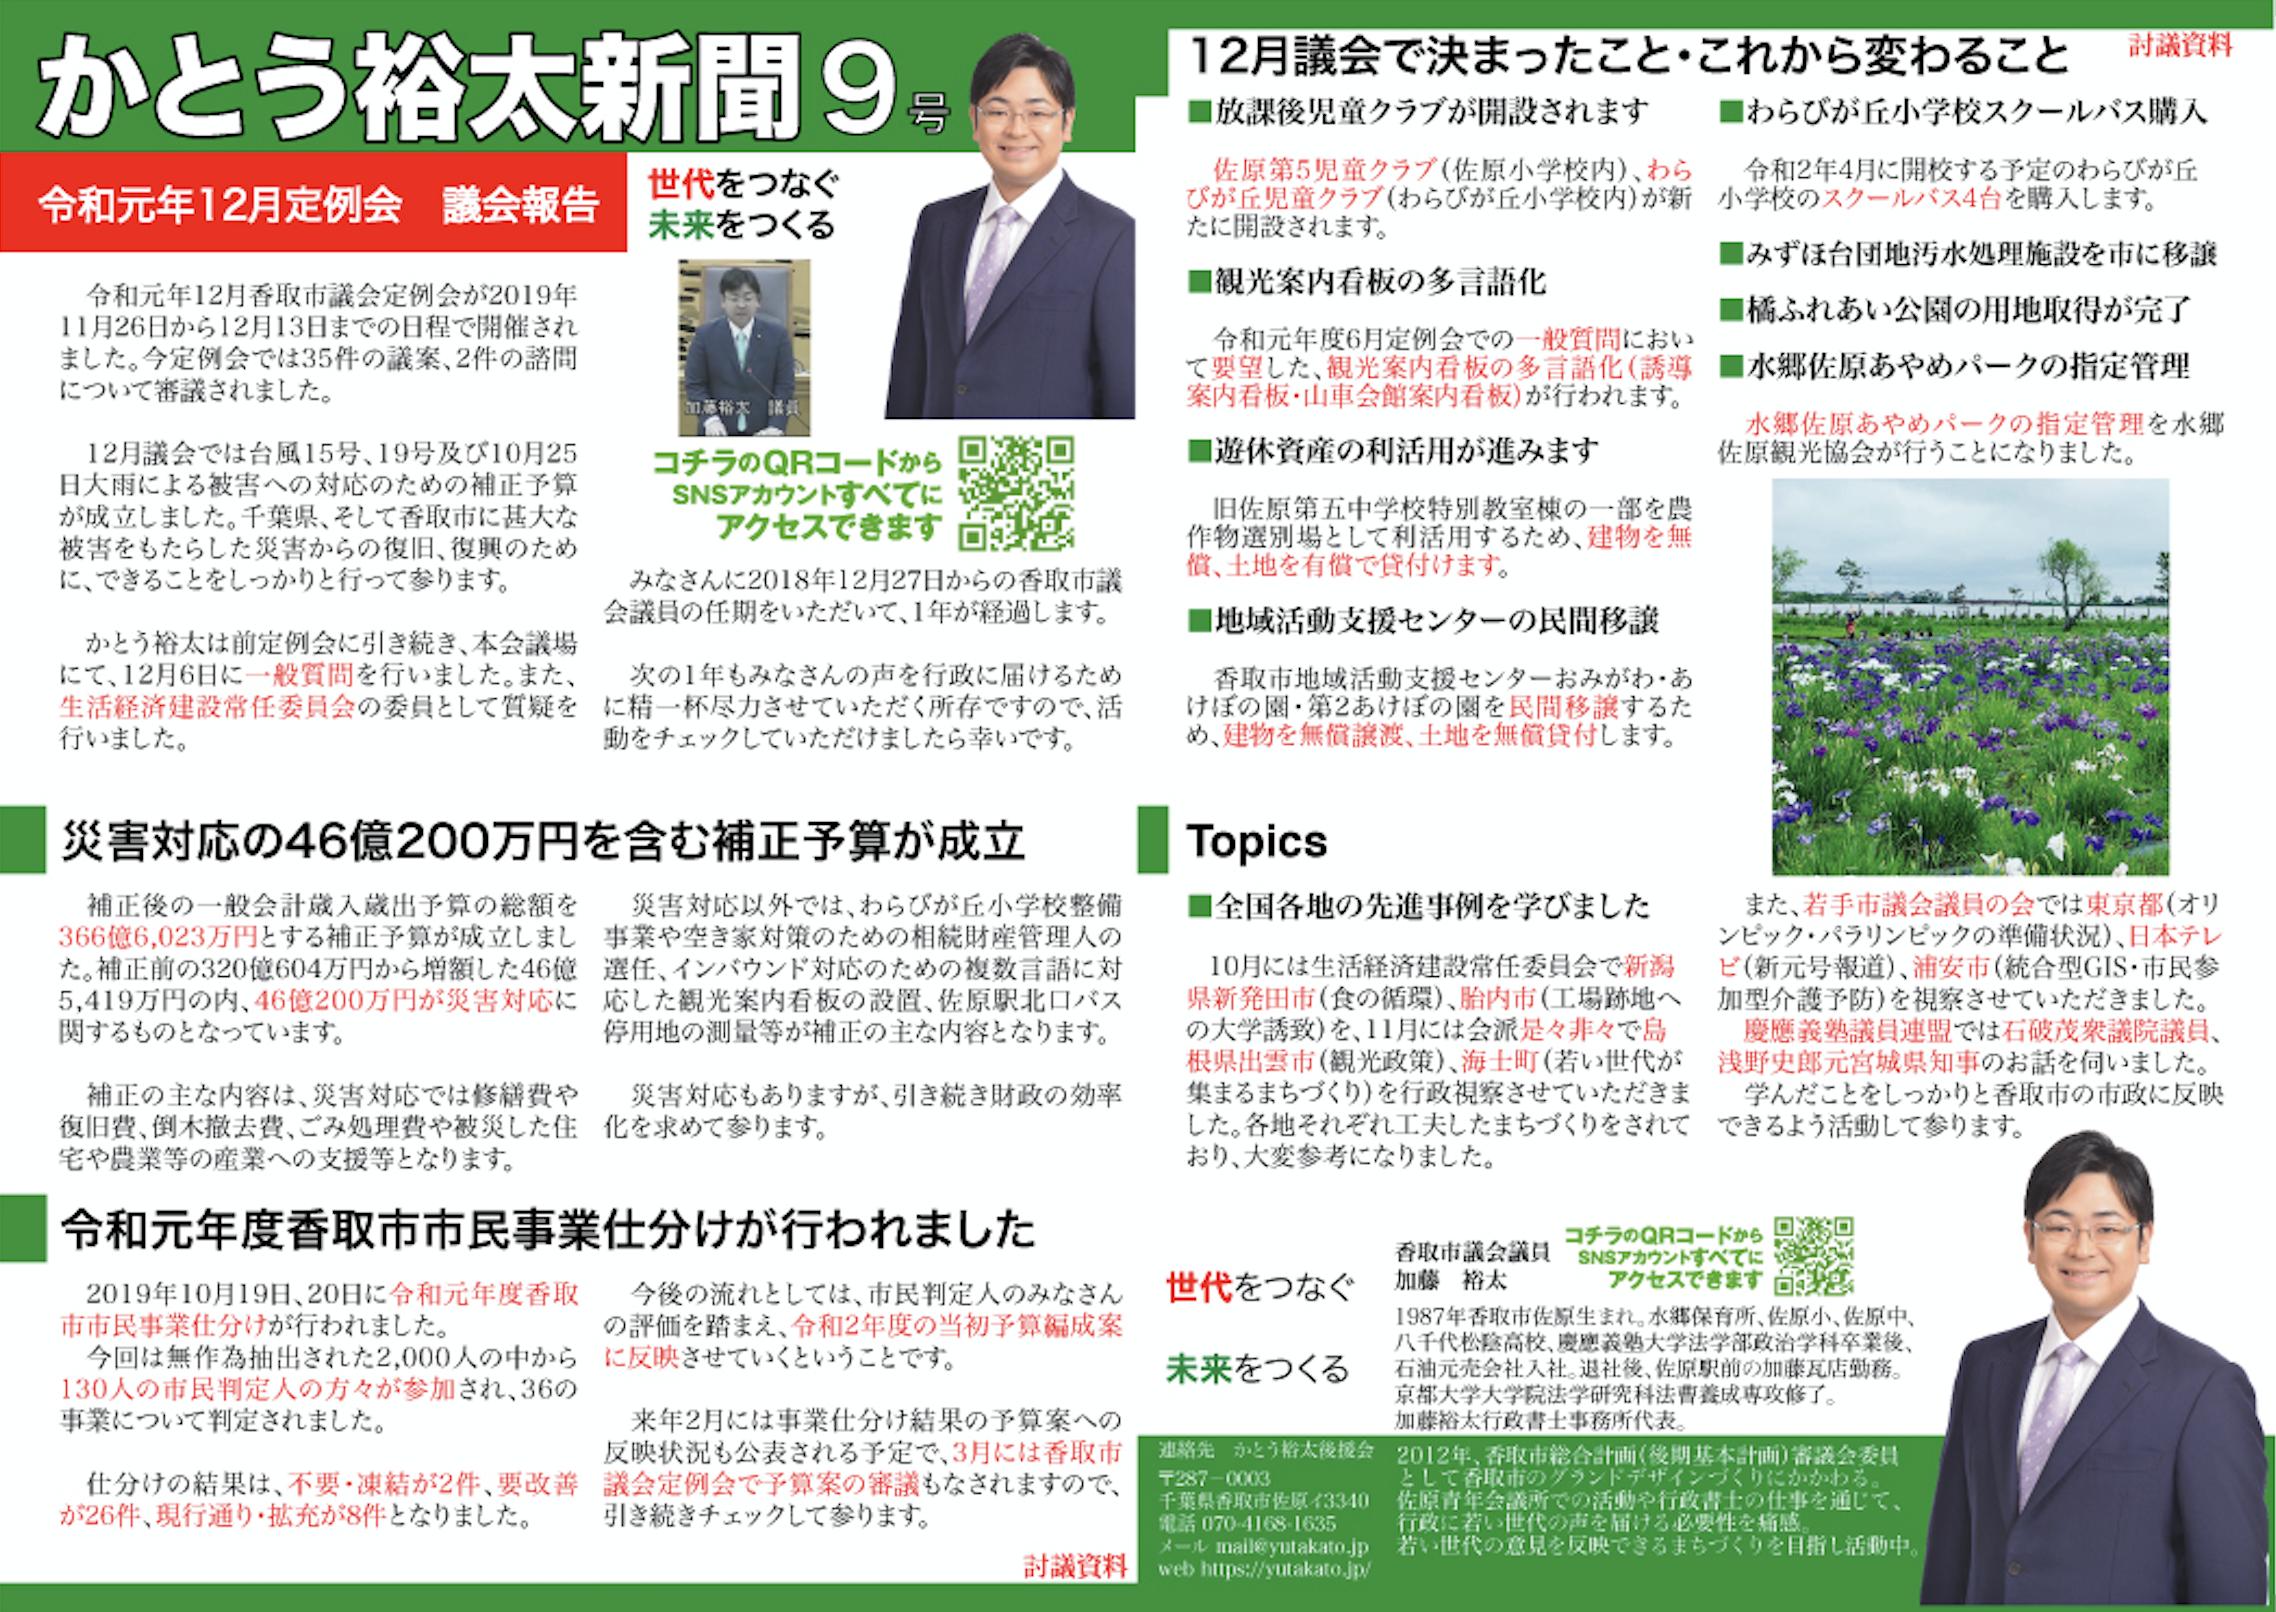 かとう裕太新聞第9号令和元年12月香取市議会定例会報告号-1